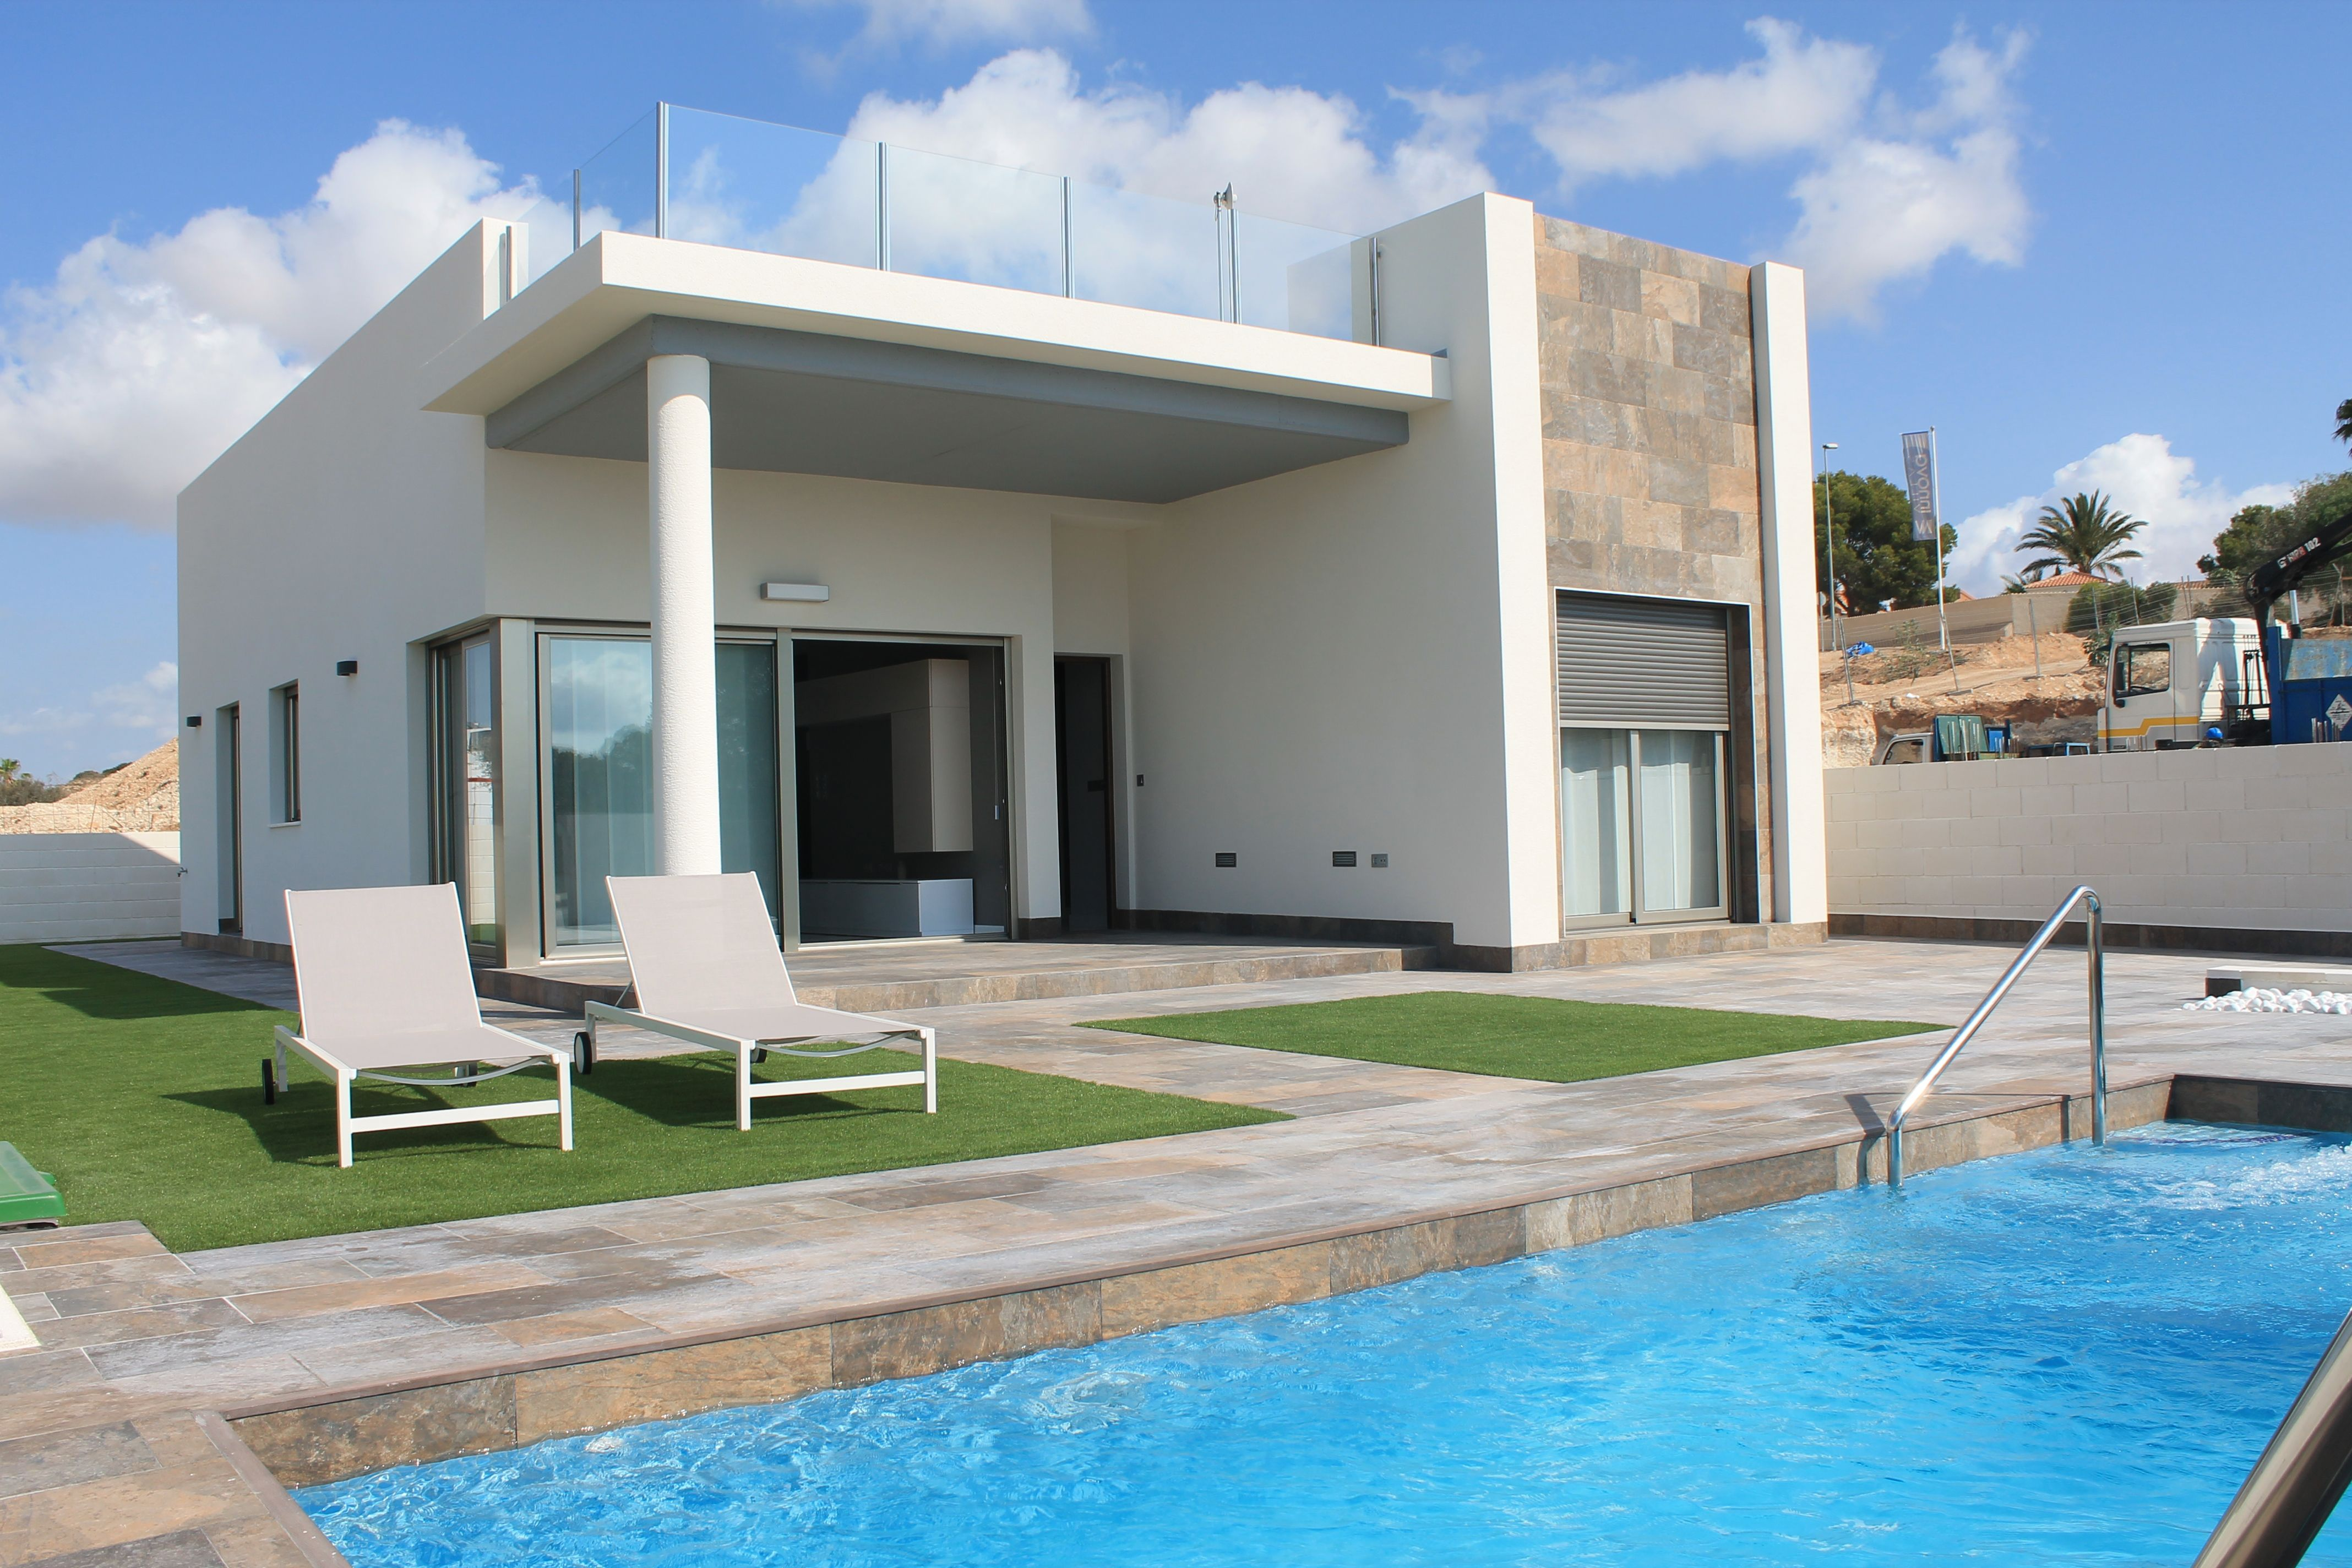 Villas neuves pr s de la zenia immo espagne for Exterieur villa moderne